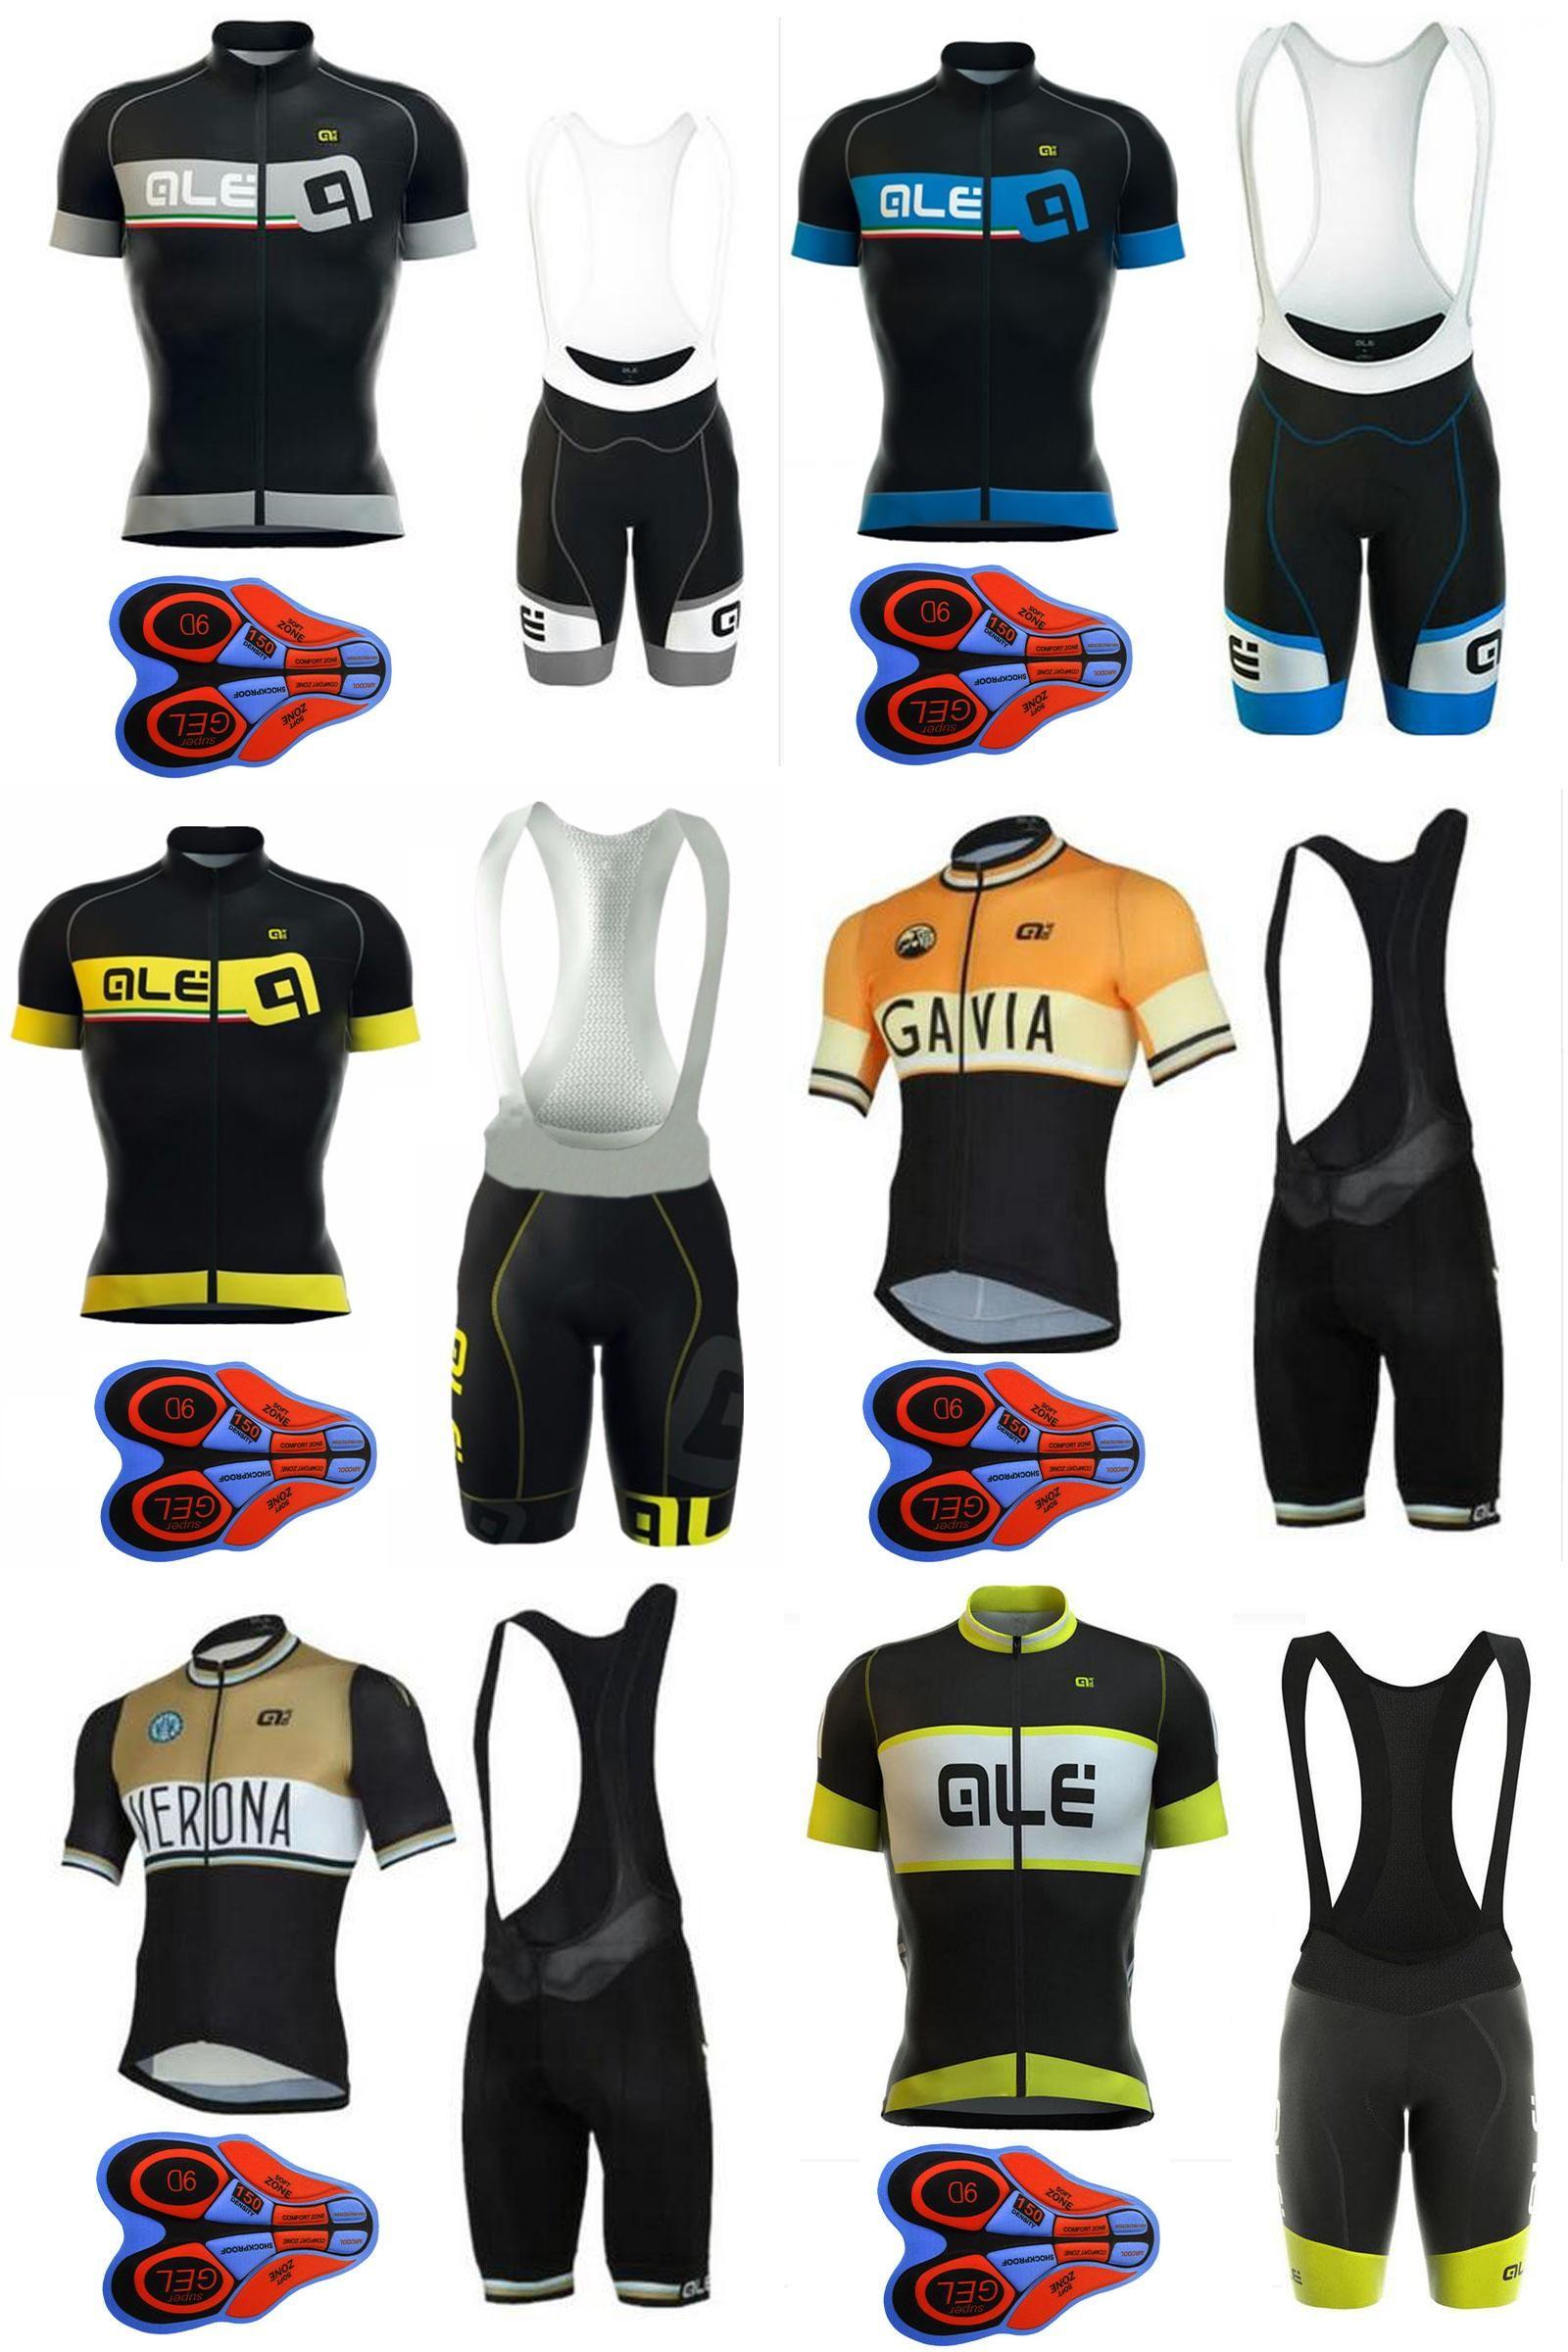 producto caliente venta más caliente envío complementario Visit to Buy] 2017 ALE cycling jersey cycling clothing mtb ...